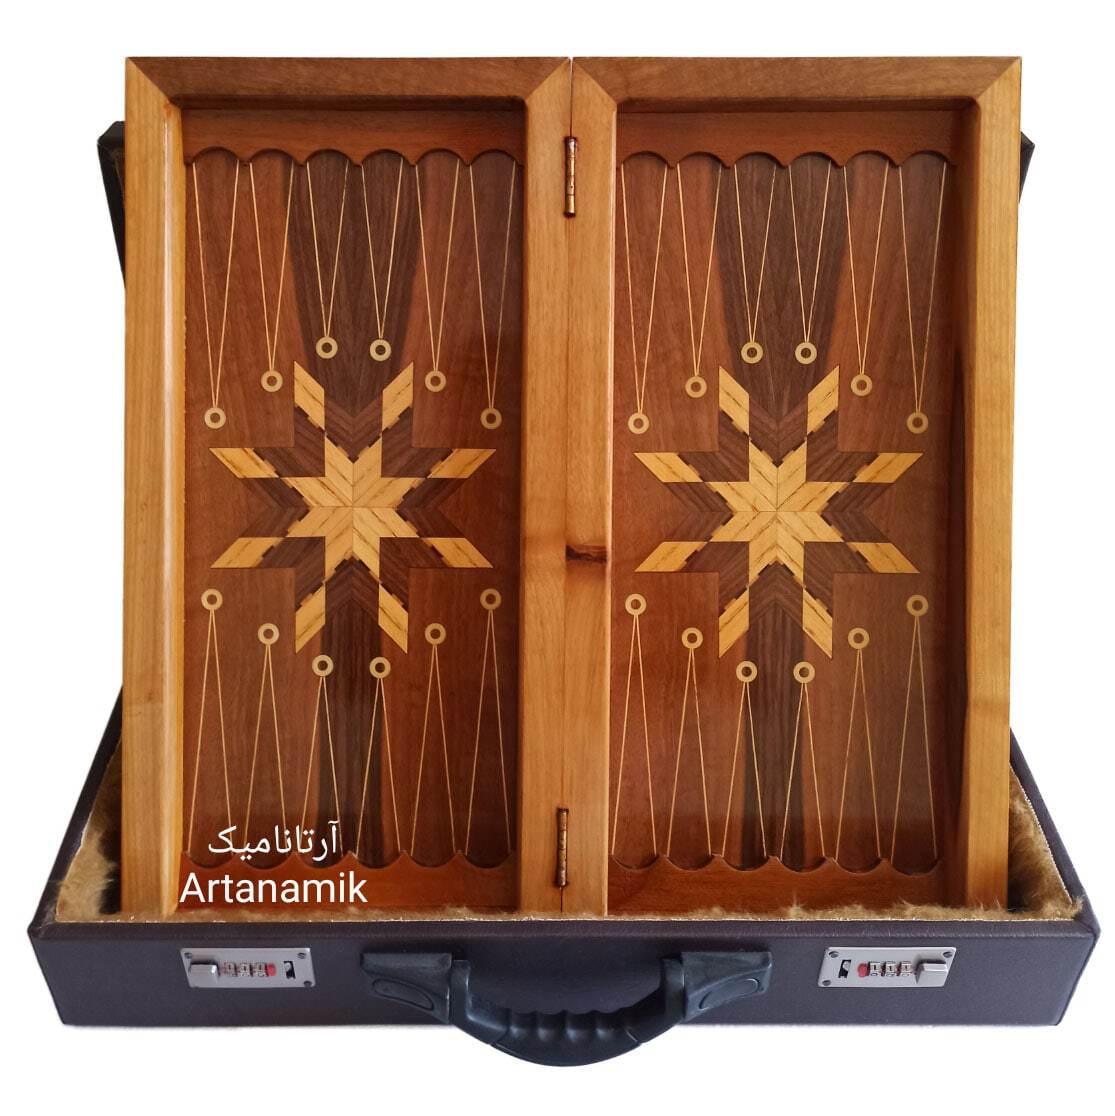 داخل تخته نرد و شطرنج کادویی، تخته نرد کادویی و تخته نرد نفیس چوب گردو